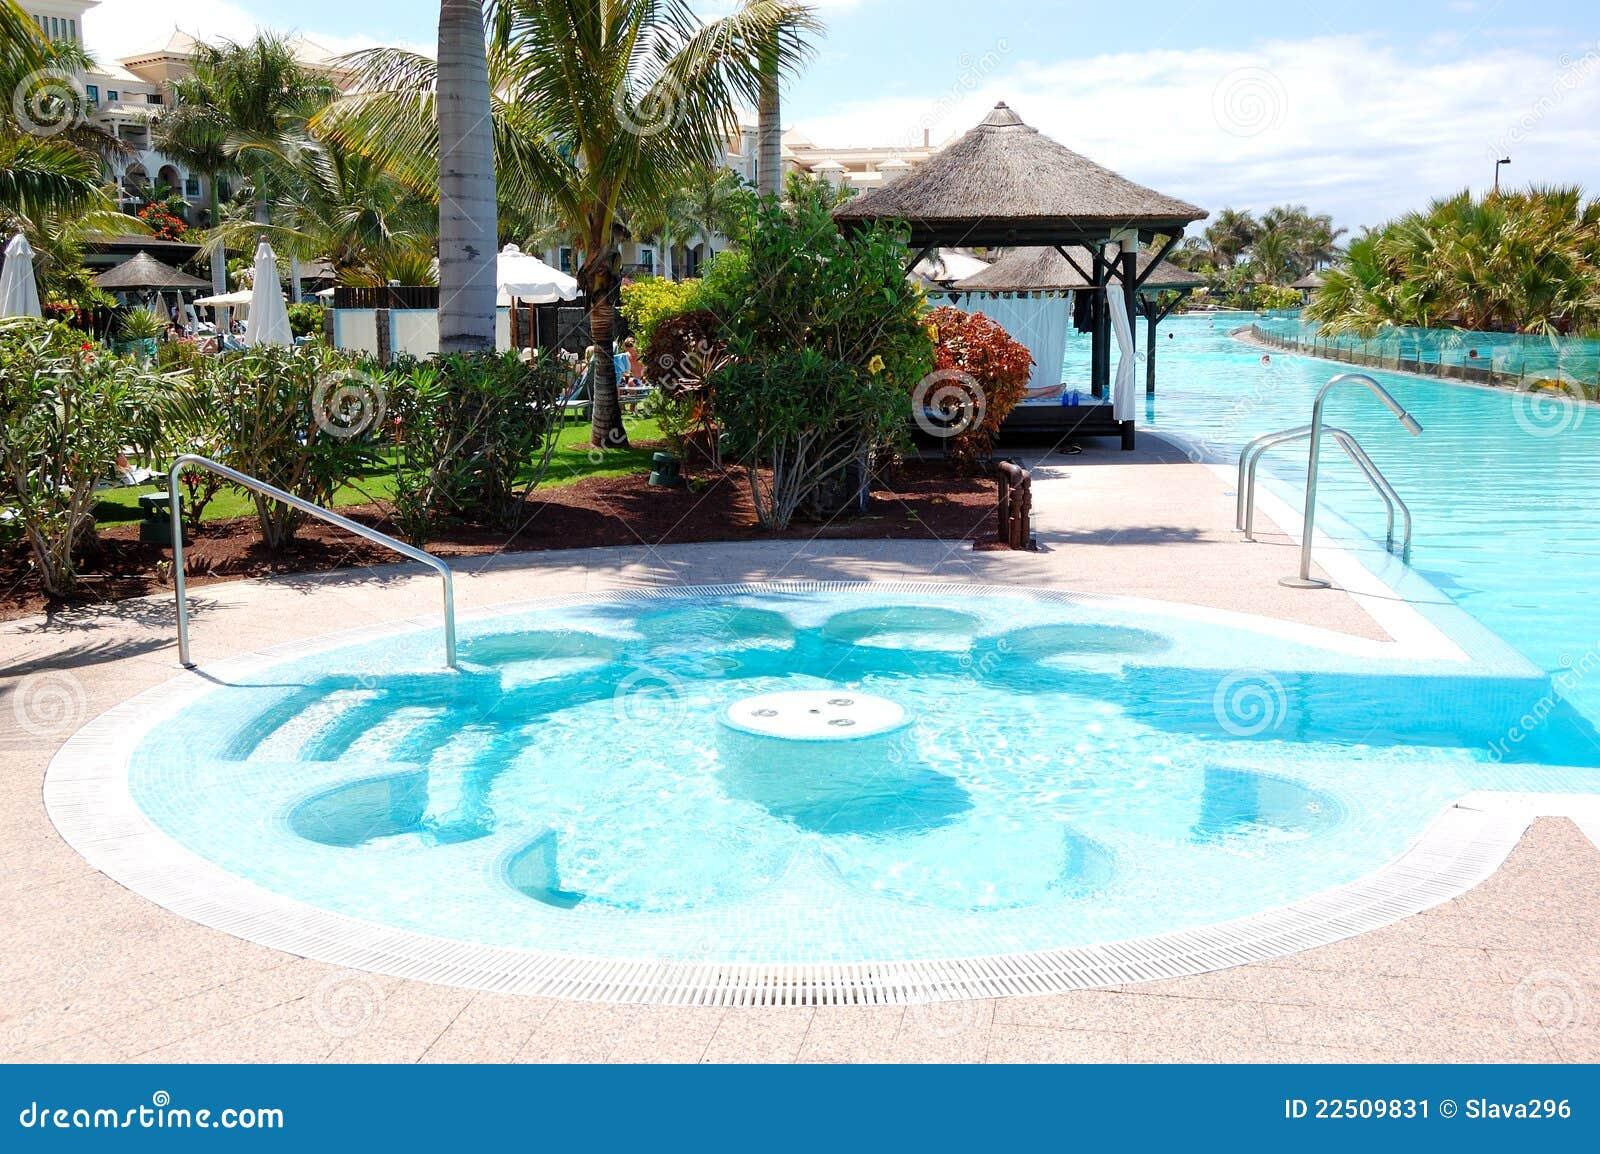 Piscine avec le jacuzzi l 39 h tel de luxe image stock for Hotel a dieppe avec piscine